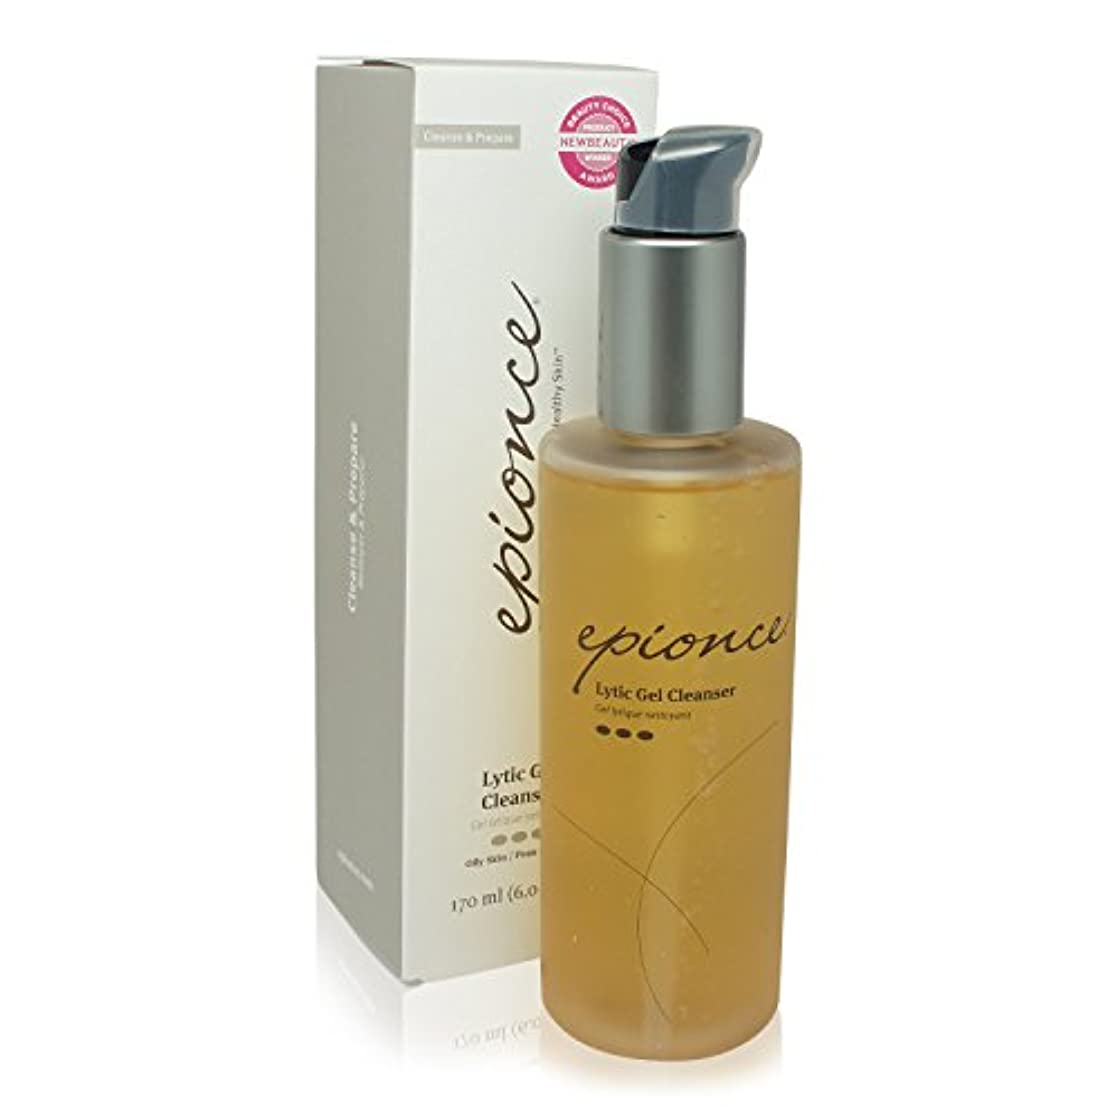 不和暴君バイソンEpionce Lytic Gel Cleanser - For Combination to Oily/Problem Skin 170ml/6oz並行輸入品